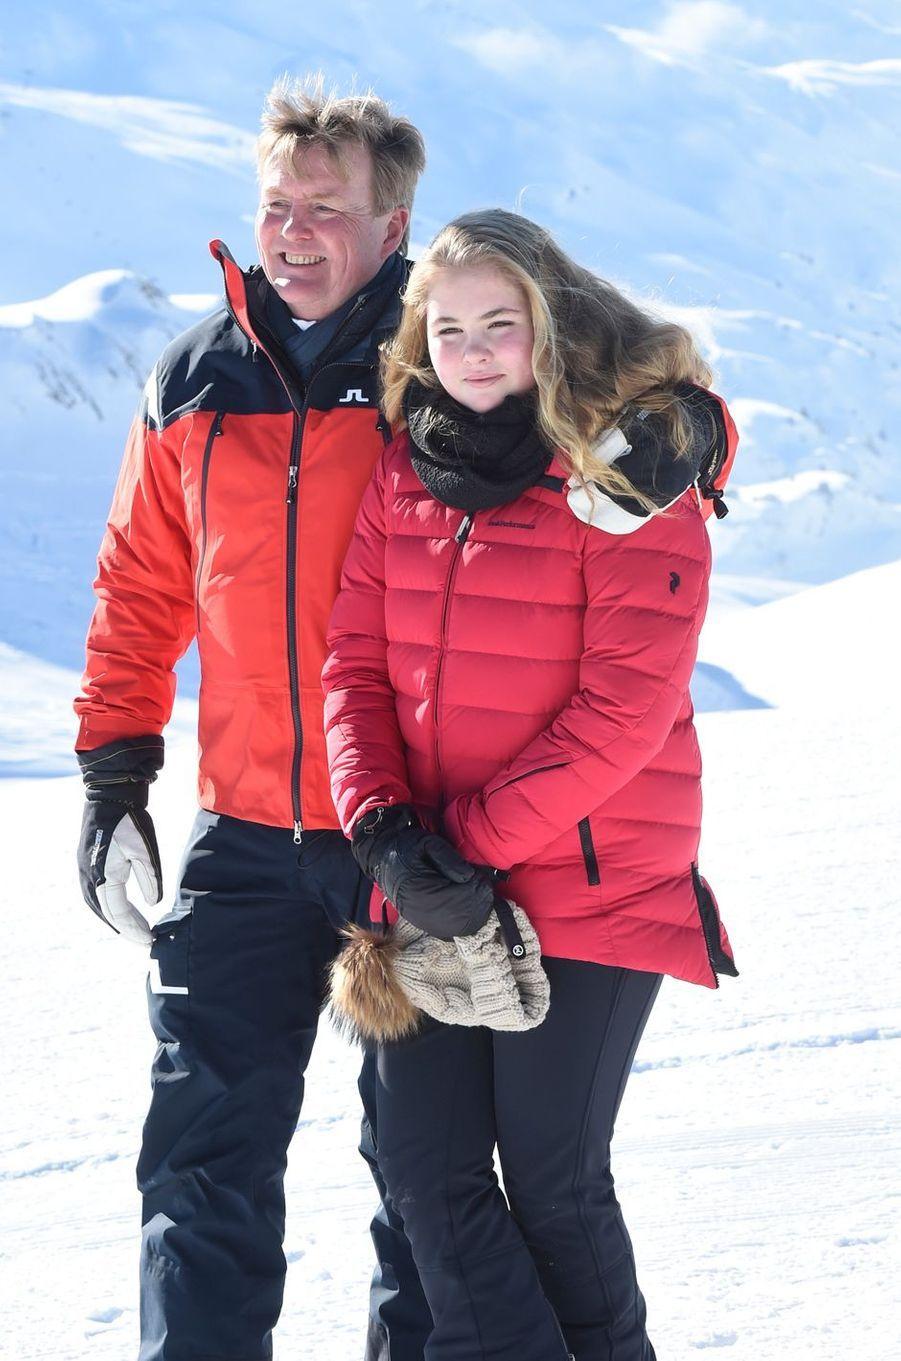 Le roi Willem-Alexander des Pays-Bas et la princesse héritière Catharina-Amalia à Lech, le 26 février 2018